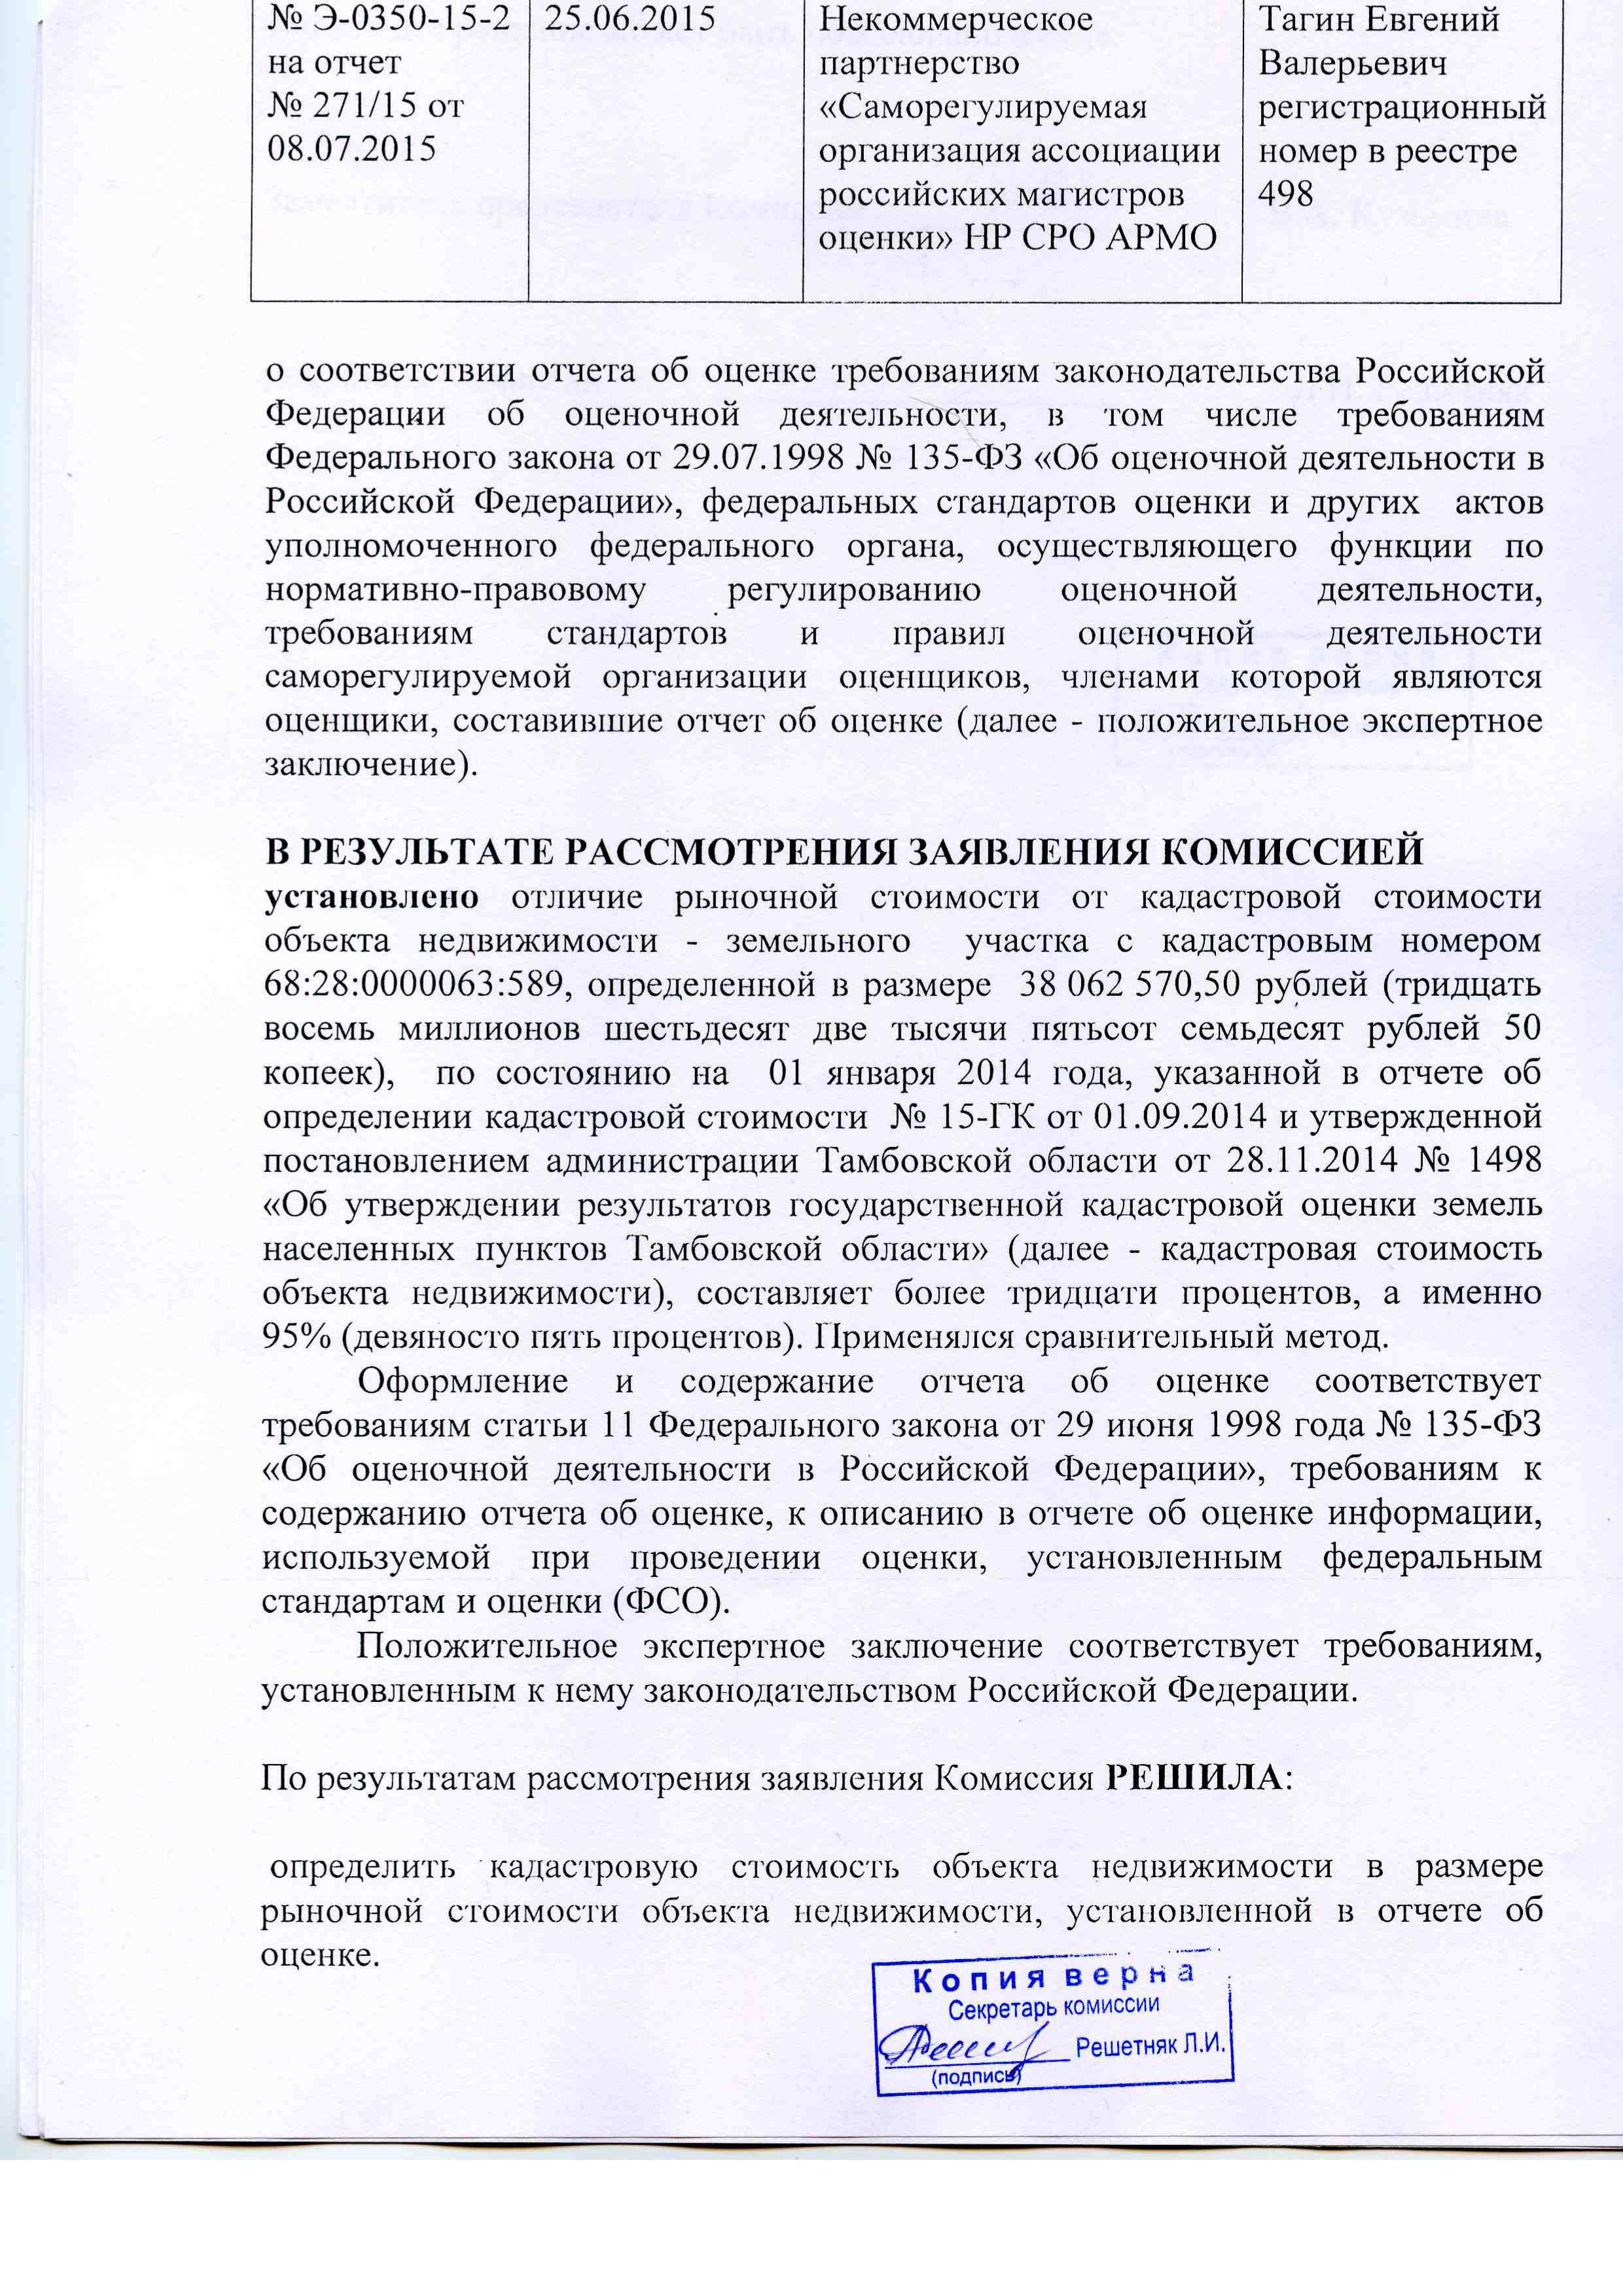 комиссия по кадастровым спорам